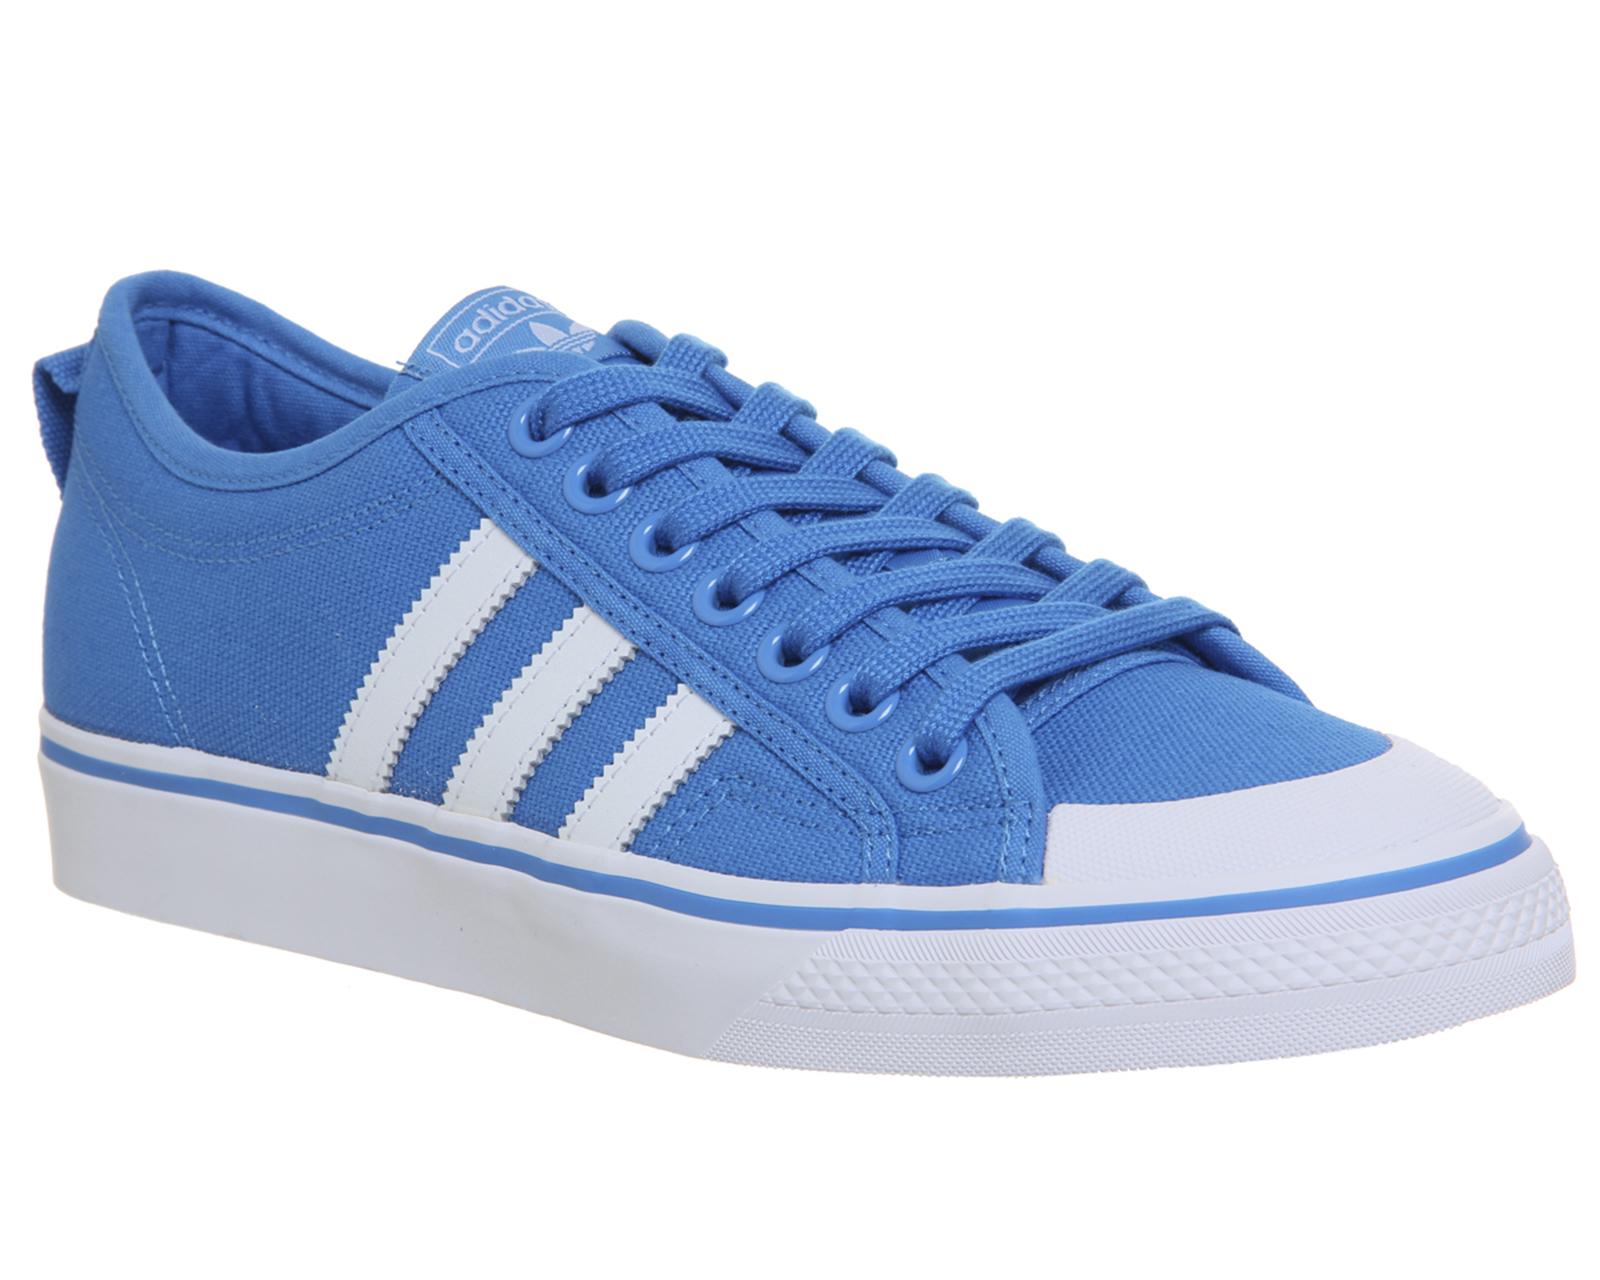 more photos d71dc fd5f4 ... Adidas Adidas Adidas Nizza Zapatillas Azul Brillante Zapatillas  Deportivas b8051b ...